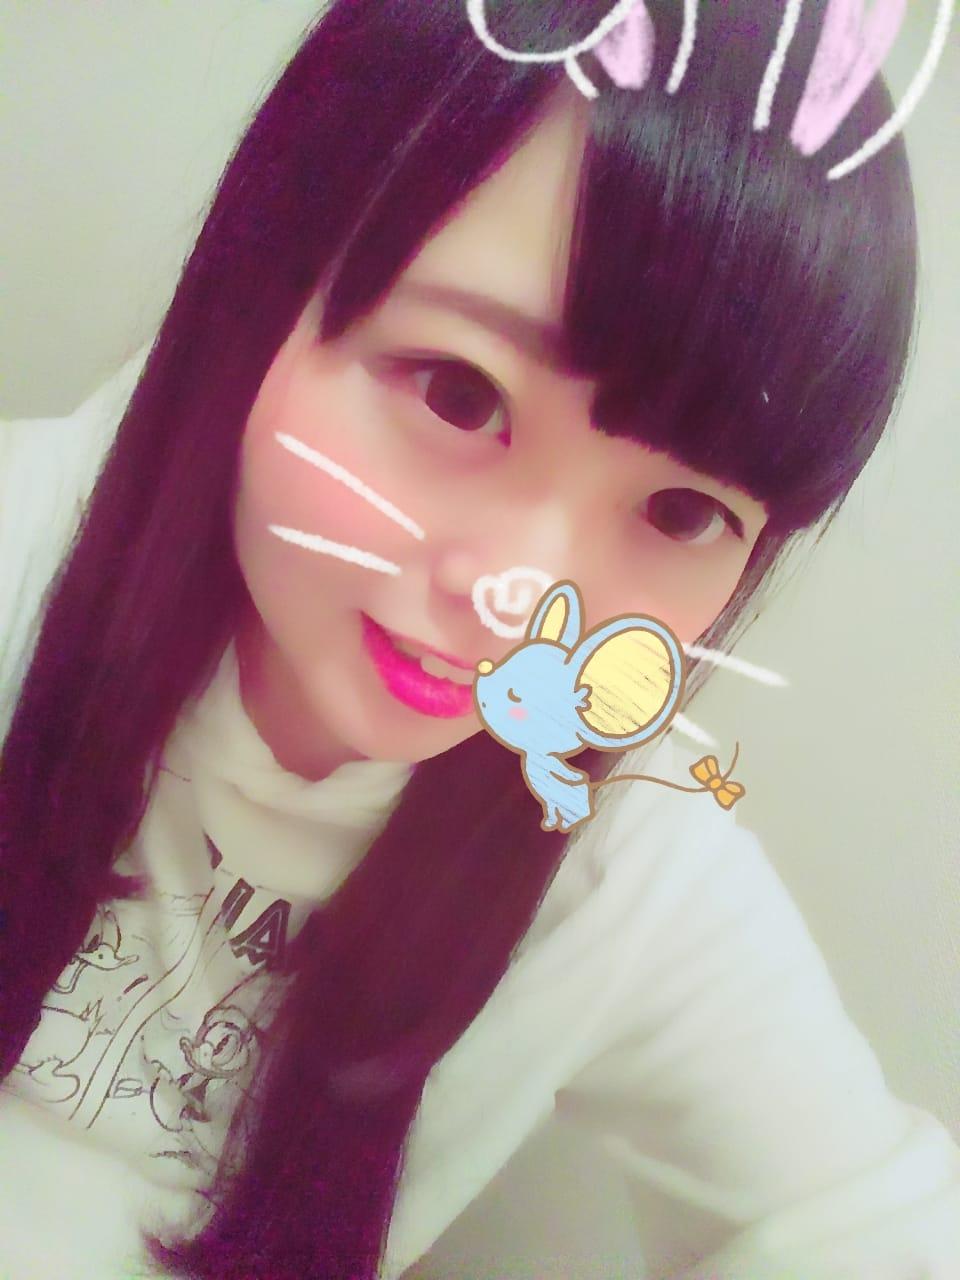 「昨日のお礼☆」02/25(日) 18:47 | りんなの写メ・風俗動画